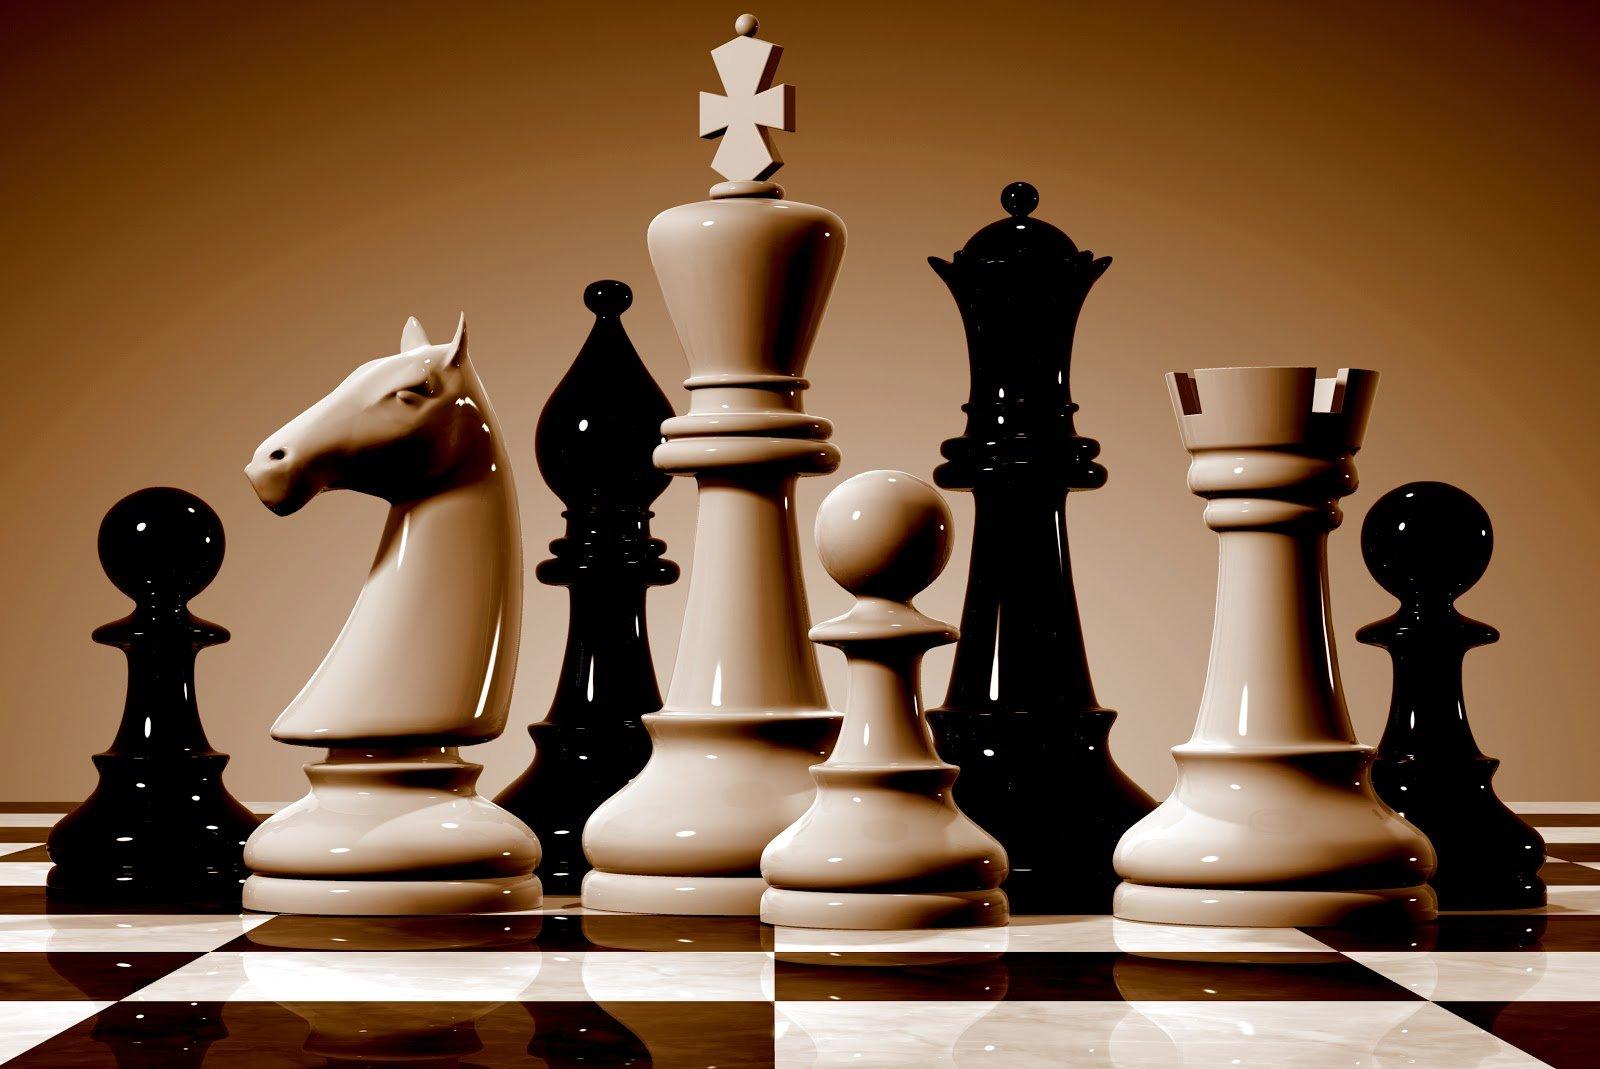 Почему шахматы уничтожают наш мозг - Изображение 2